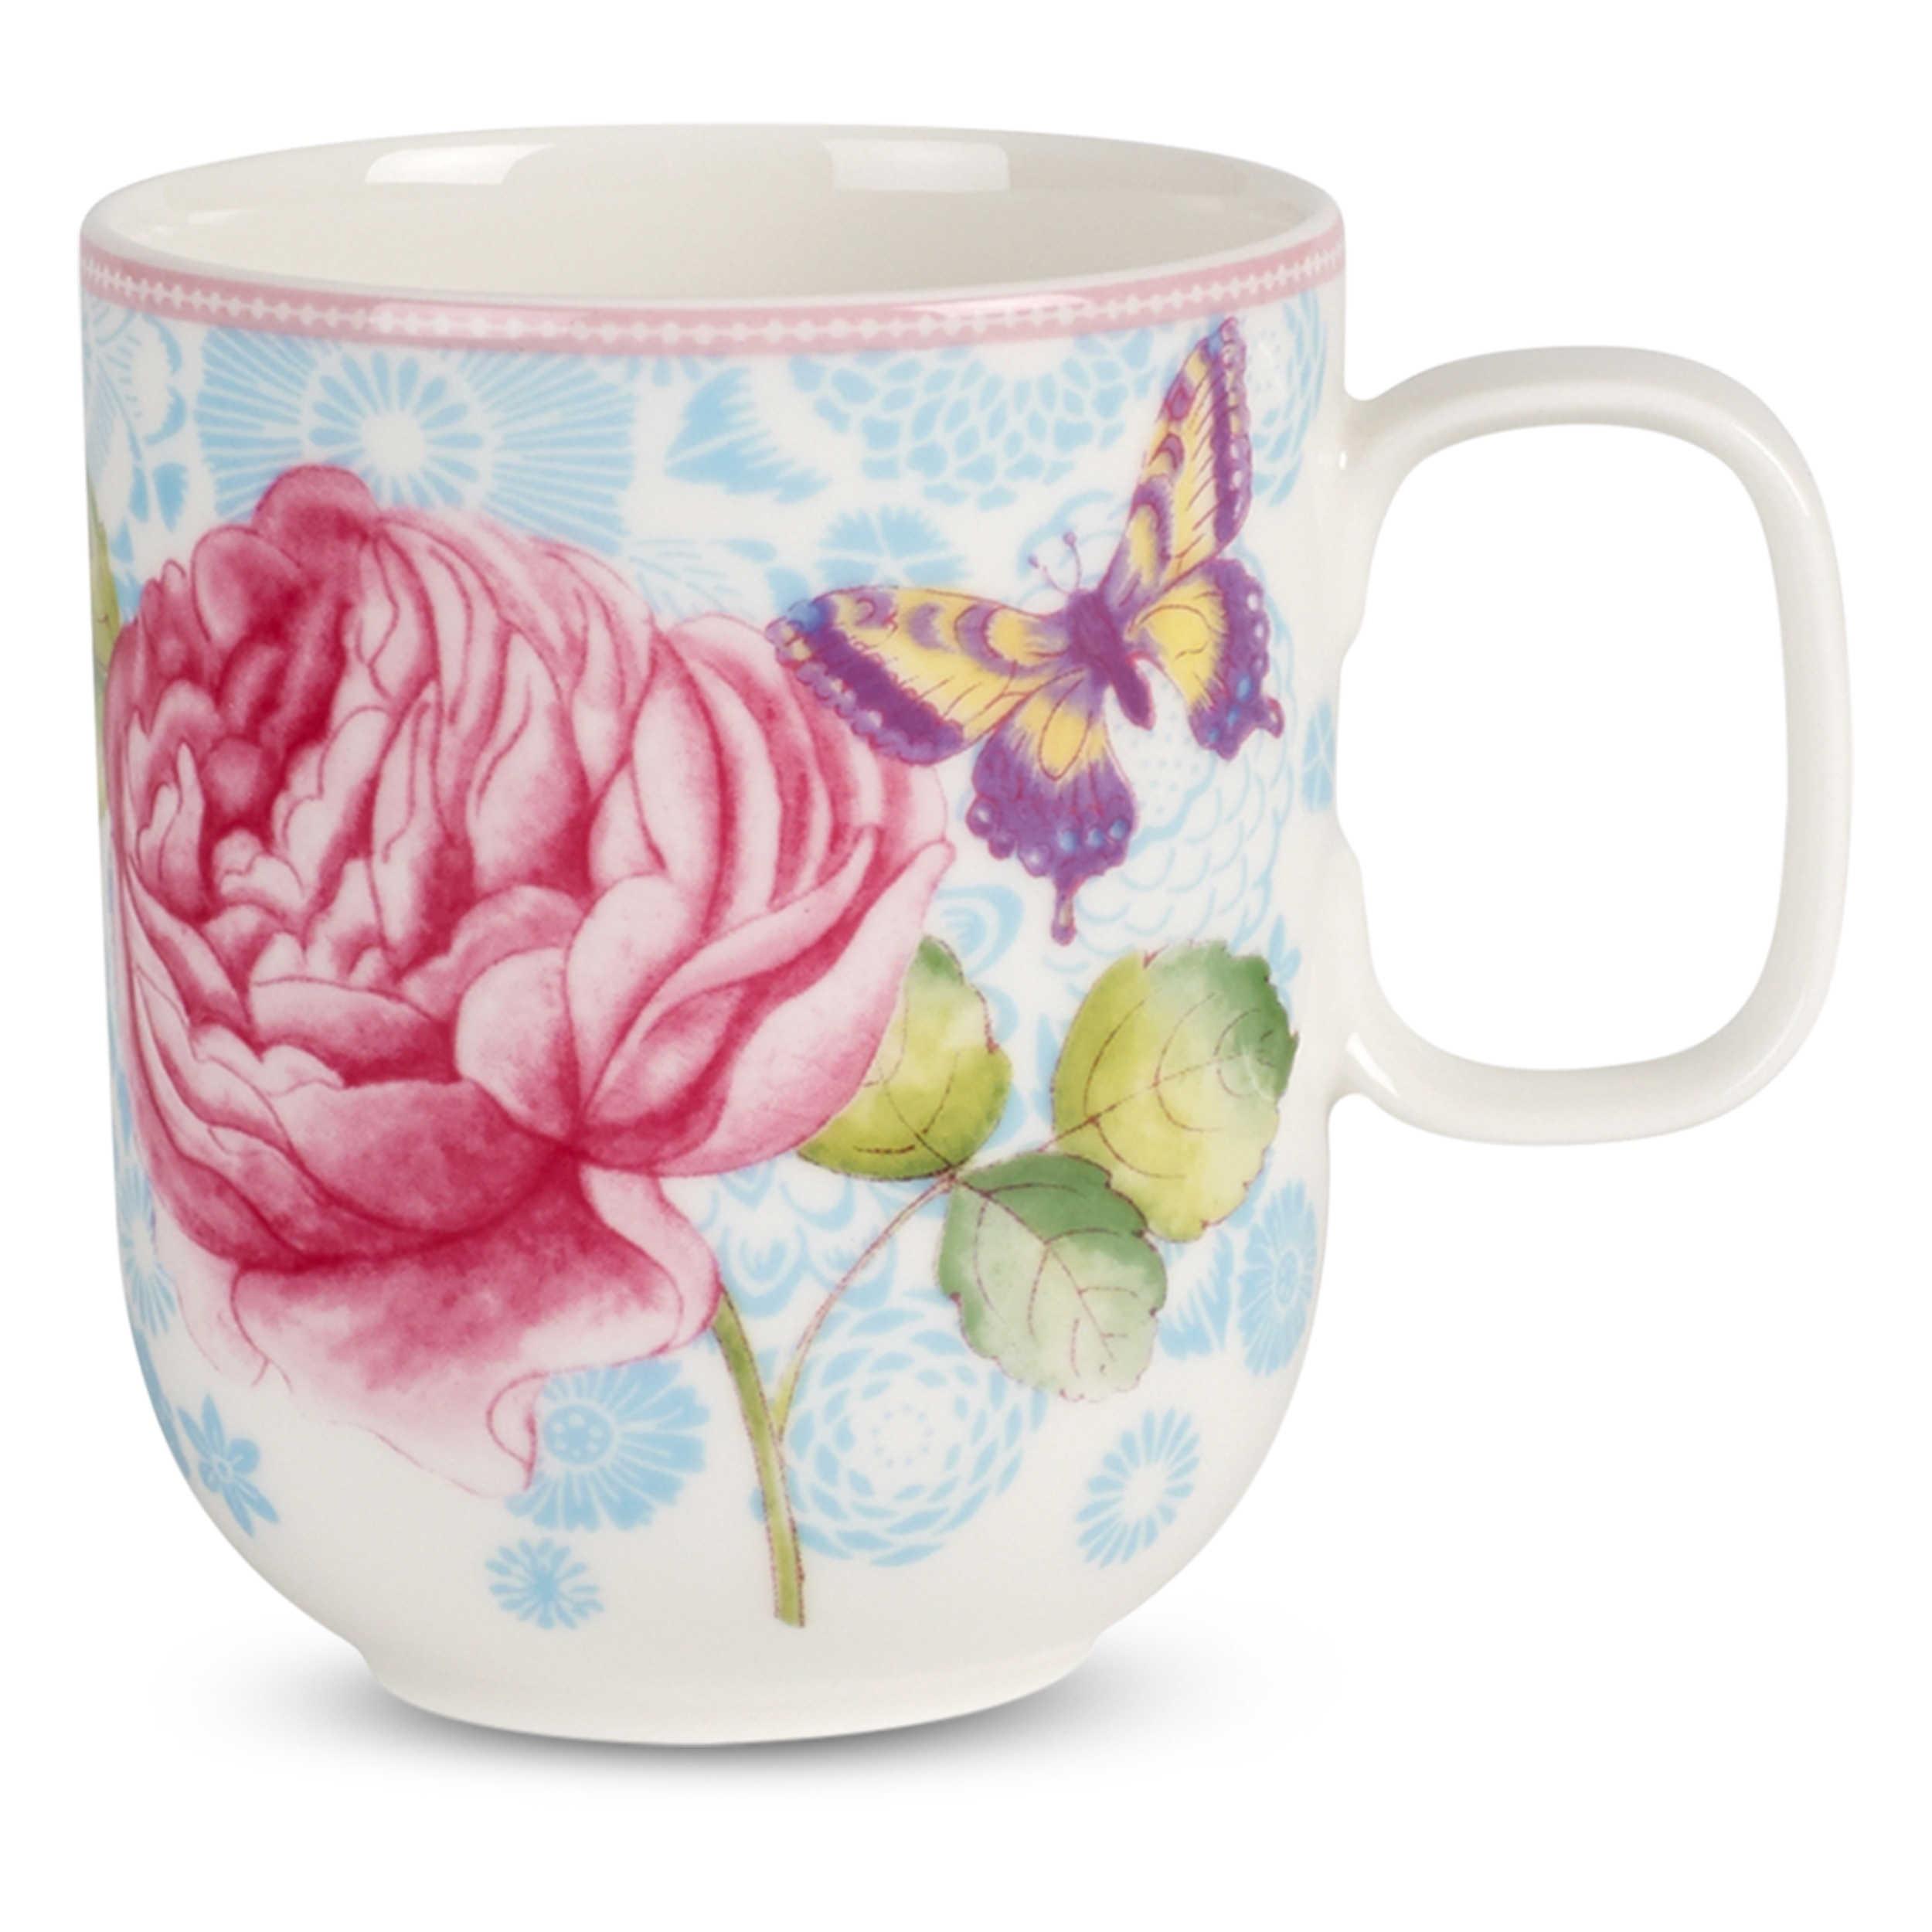 Villeroy Boch Kaffeebecher : villeroy boch kaffeebecher cottage rose online kaufen bei woonio ~ Whattoseeinmadrid.com Haus und Dekorationen